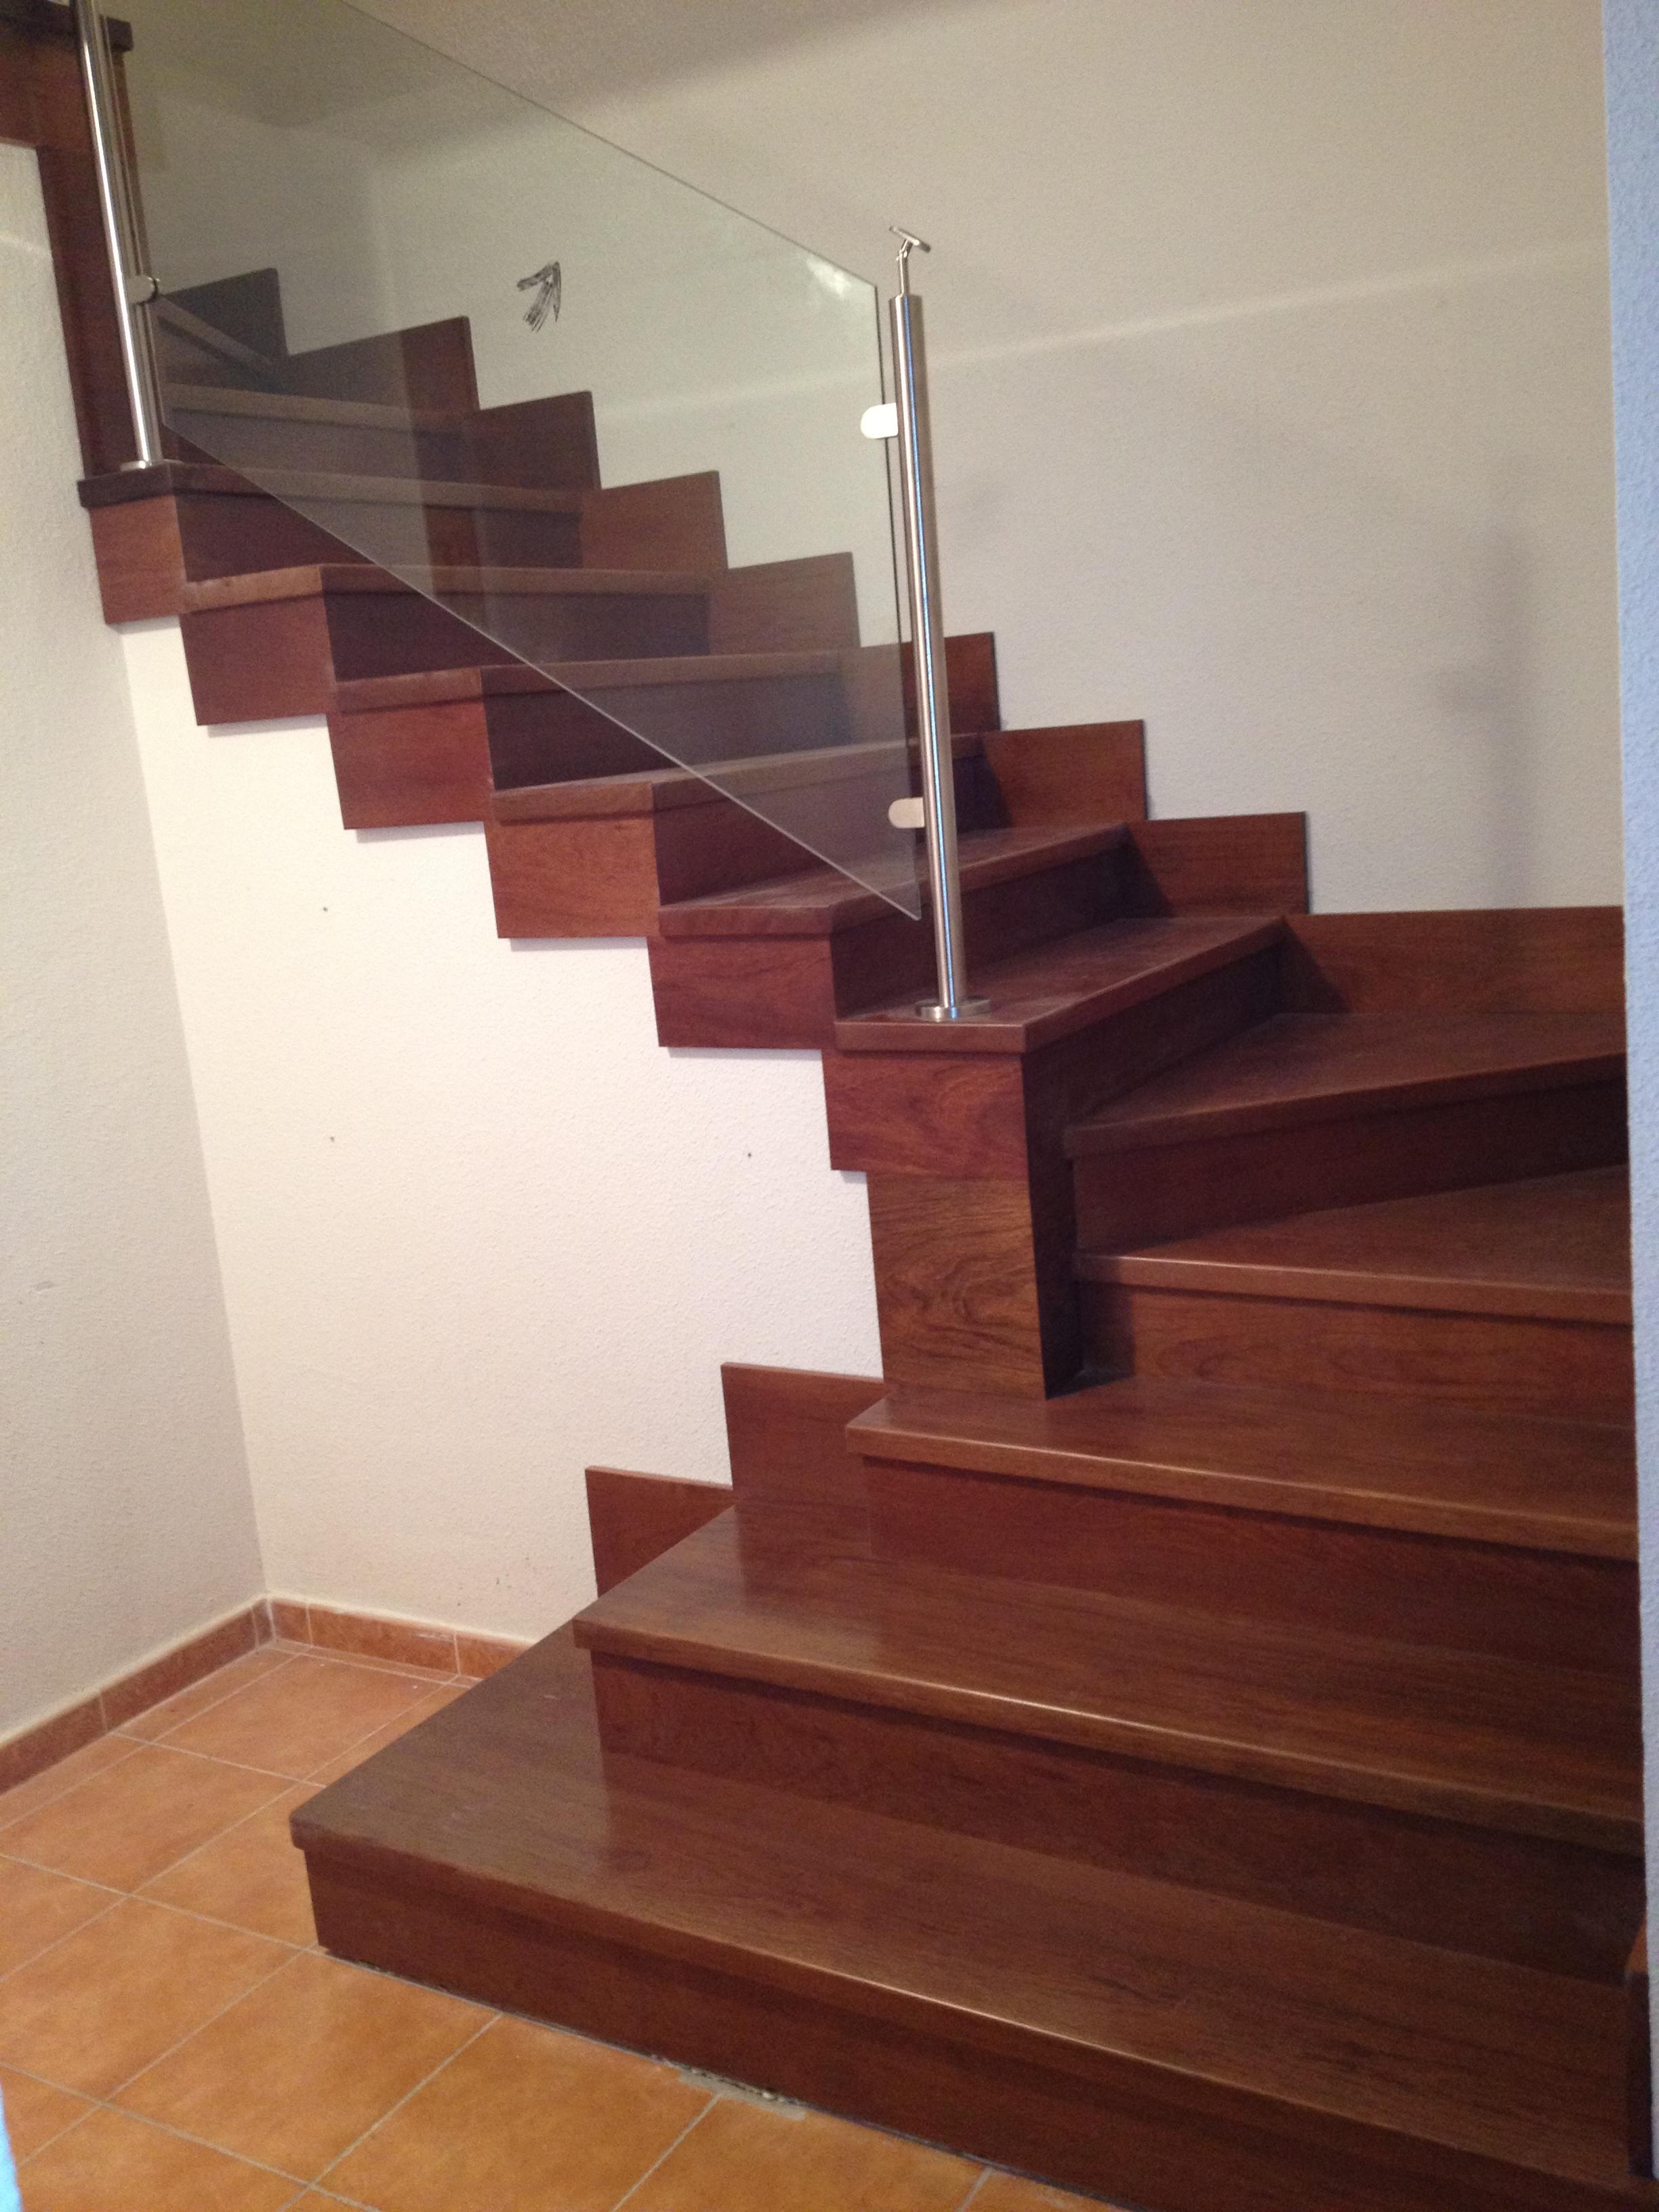 Baranda de escalera de madera decorar escaleras baranda reja madera escalera de madera marrn - Barandilla cristal escalera ...